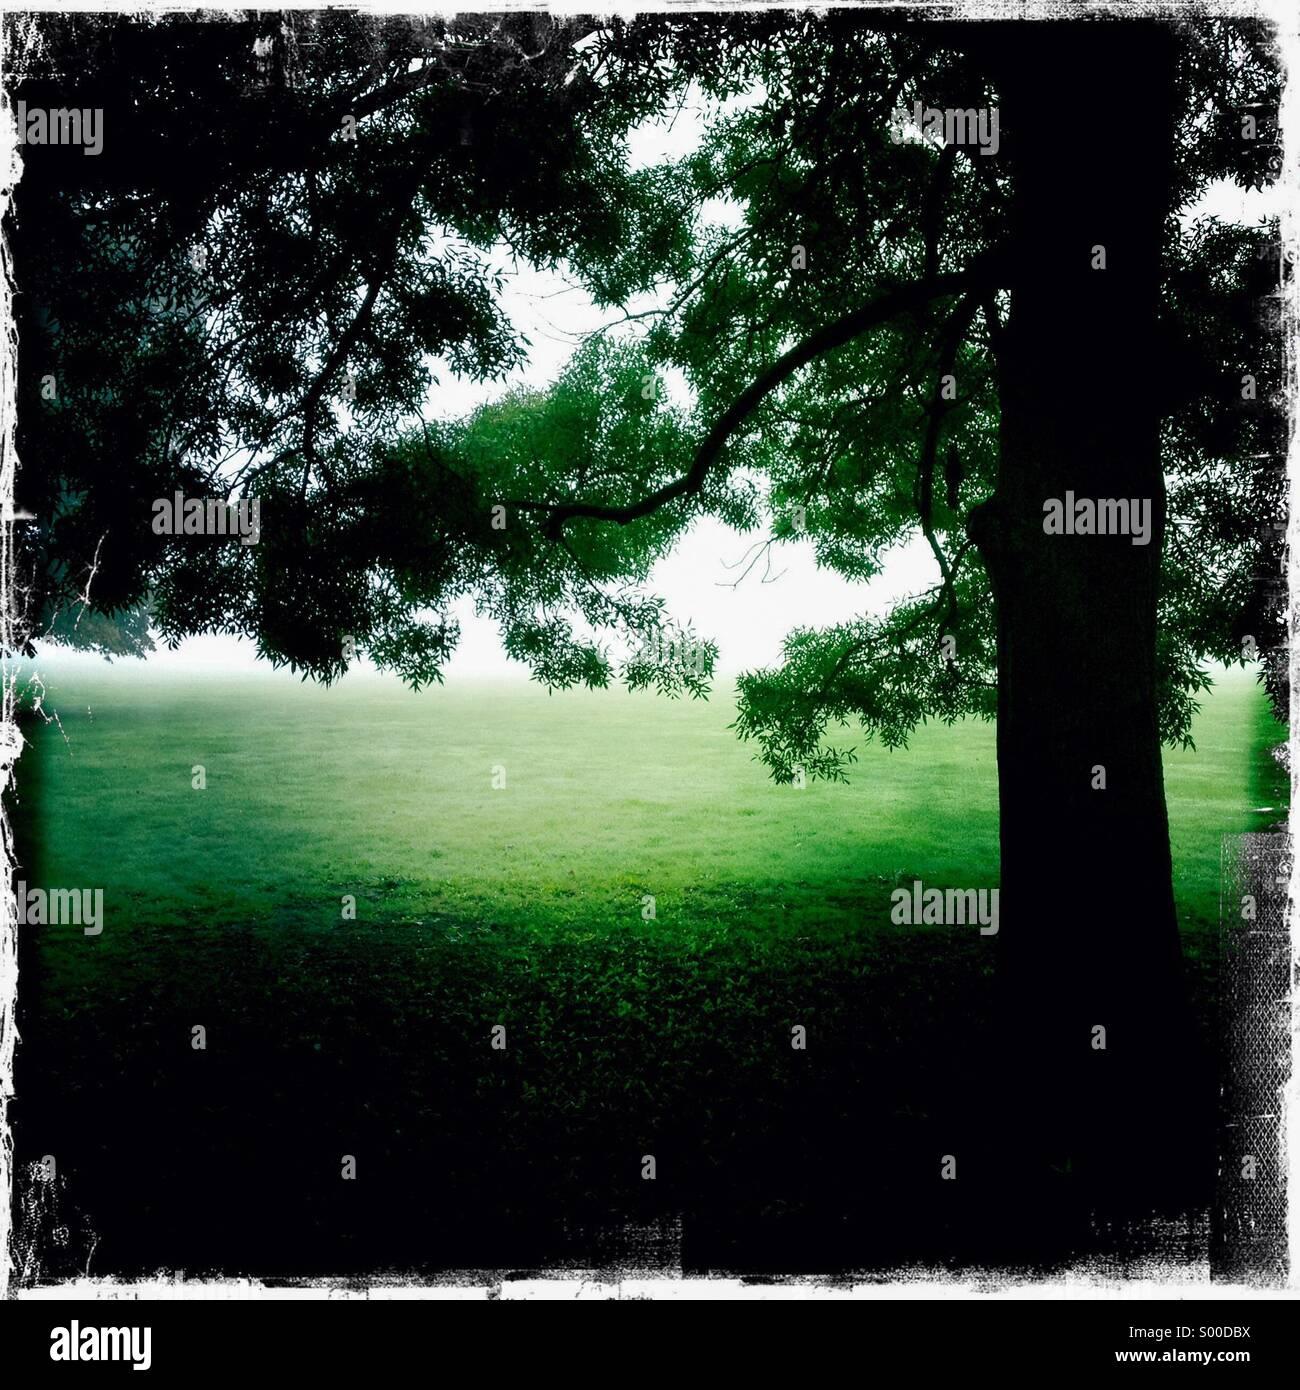 Fotografía en color de alto contraste de la vieja encina en un parque. Formato cuadrado. Londres, Gran Bretaña. Foto de stock